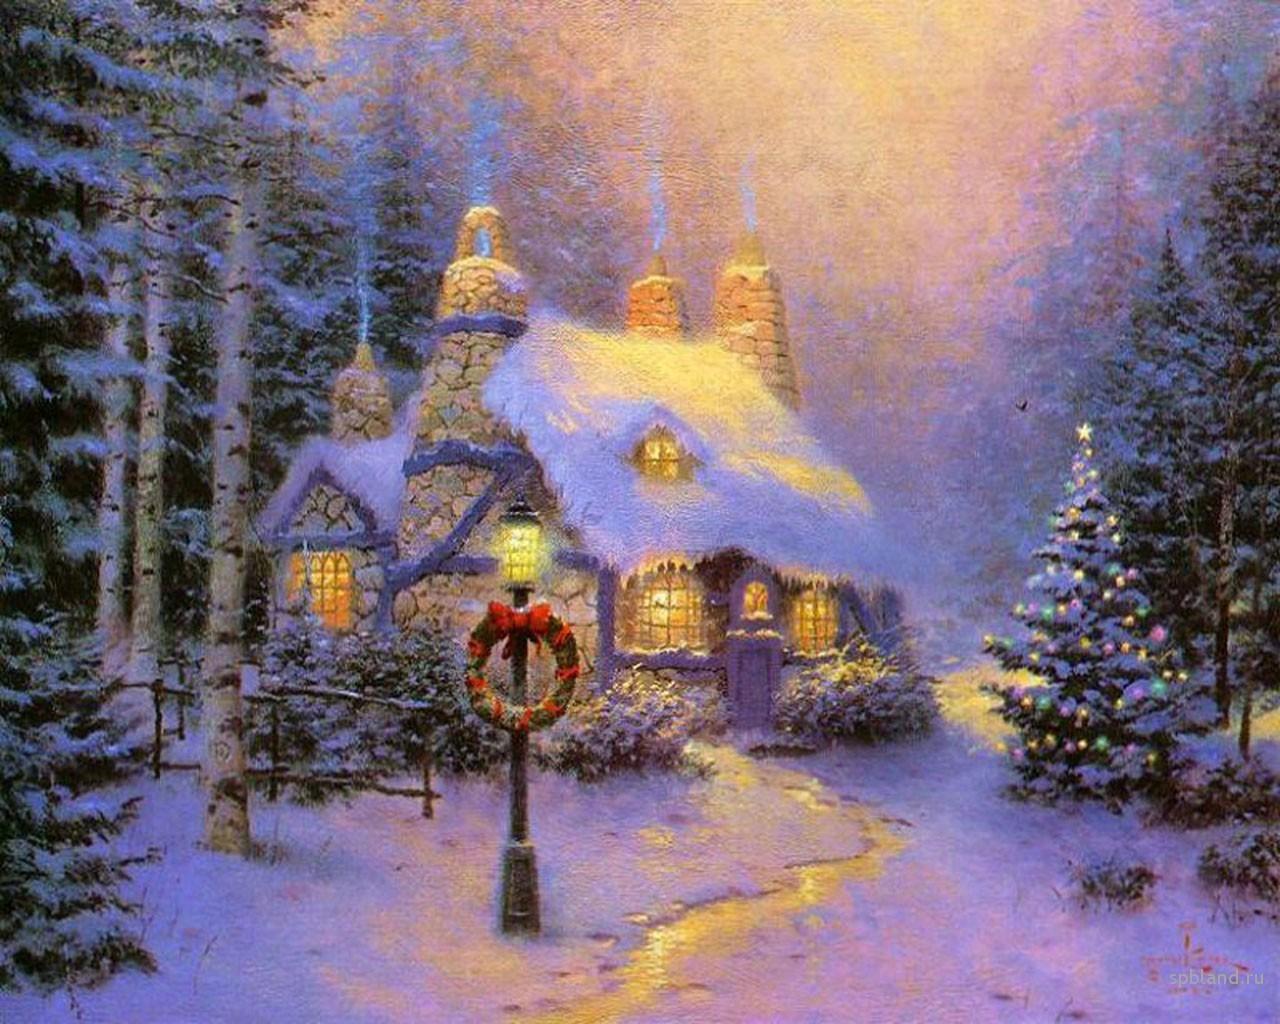 Desktop wallpapers Holidays Christmas wallpapers Christmas 1280x1024